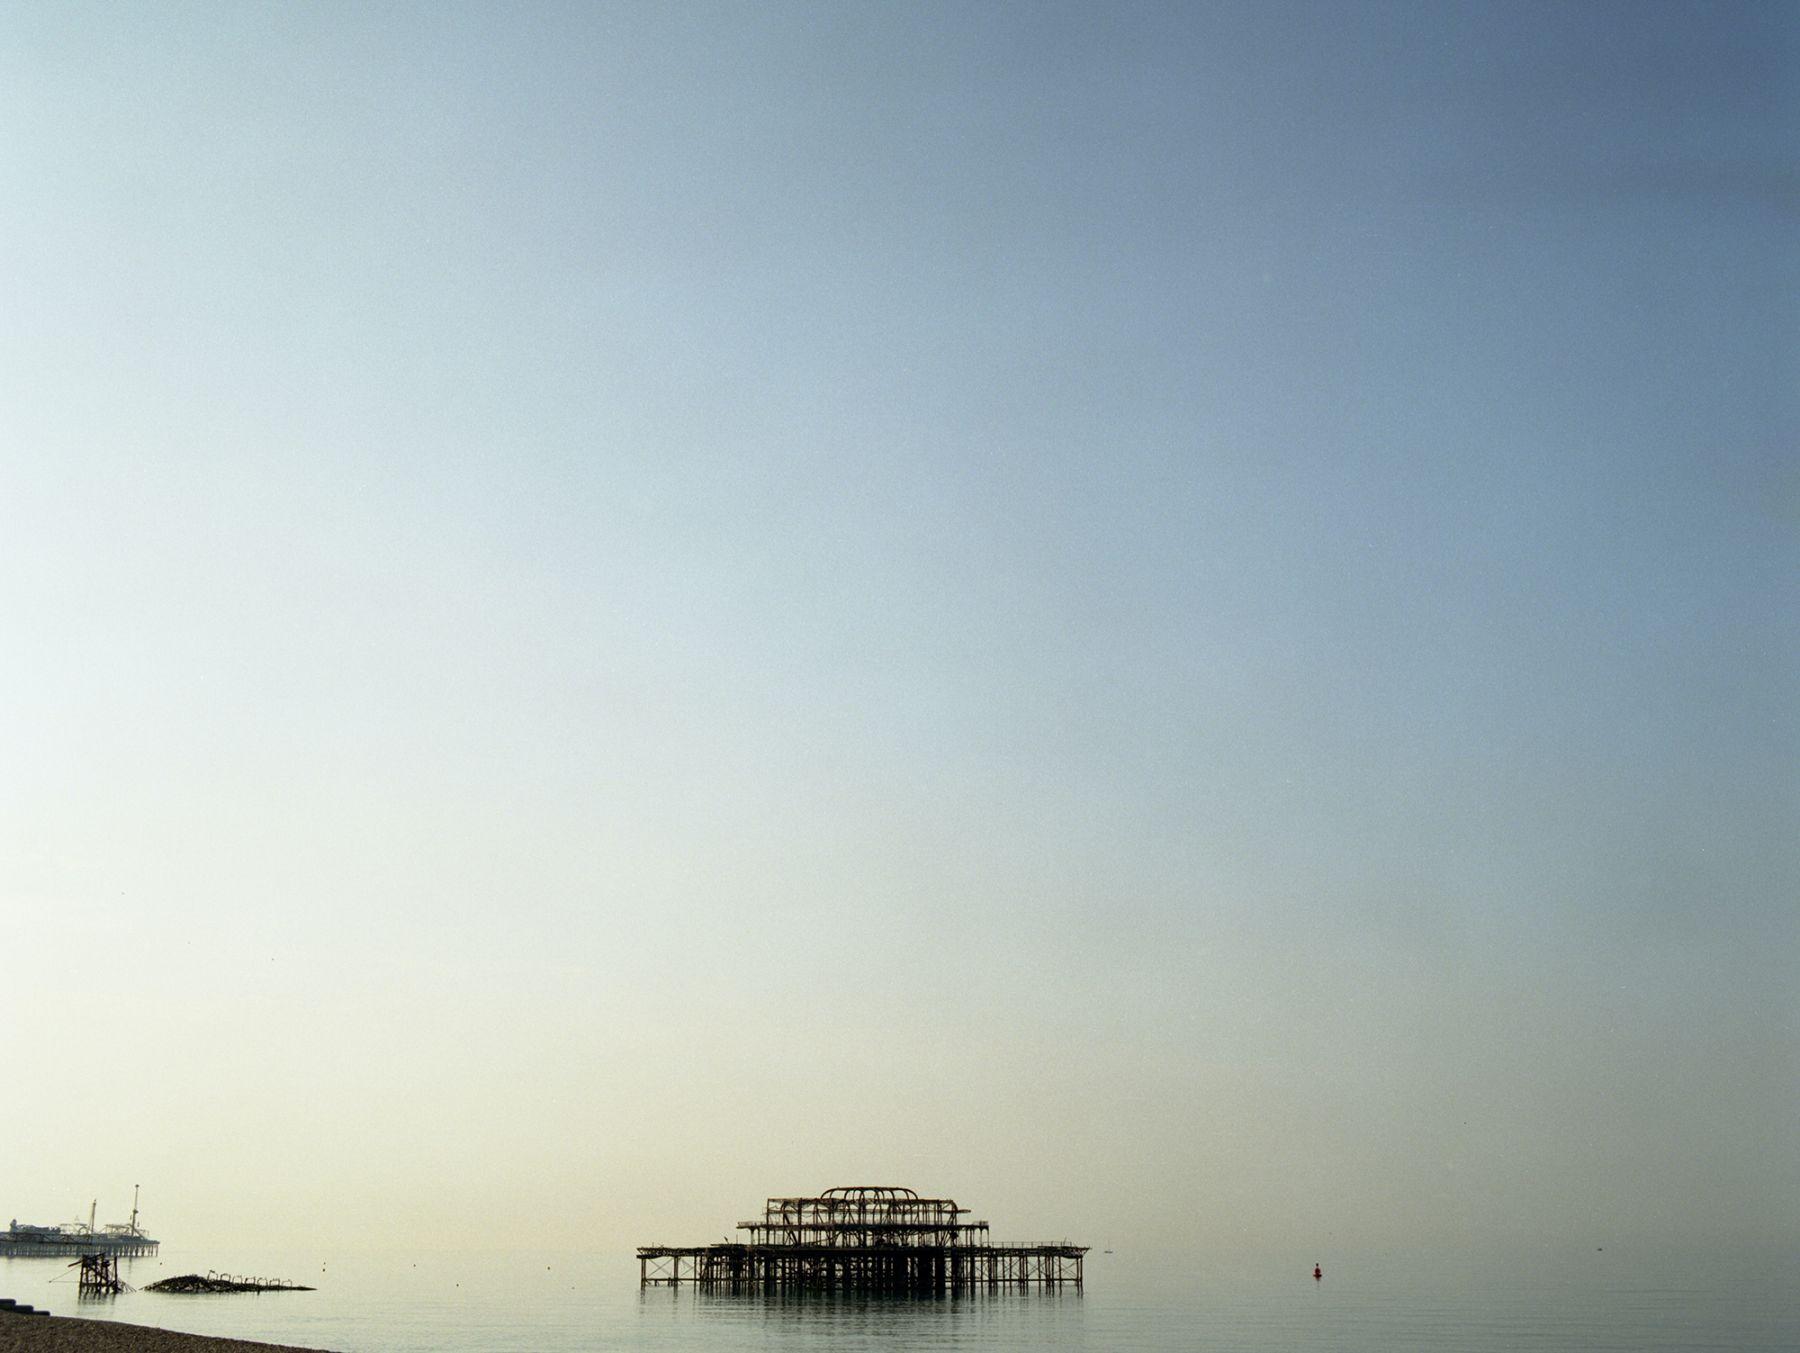 West Pier IV